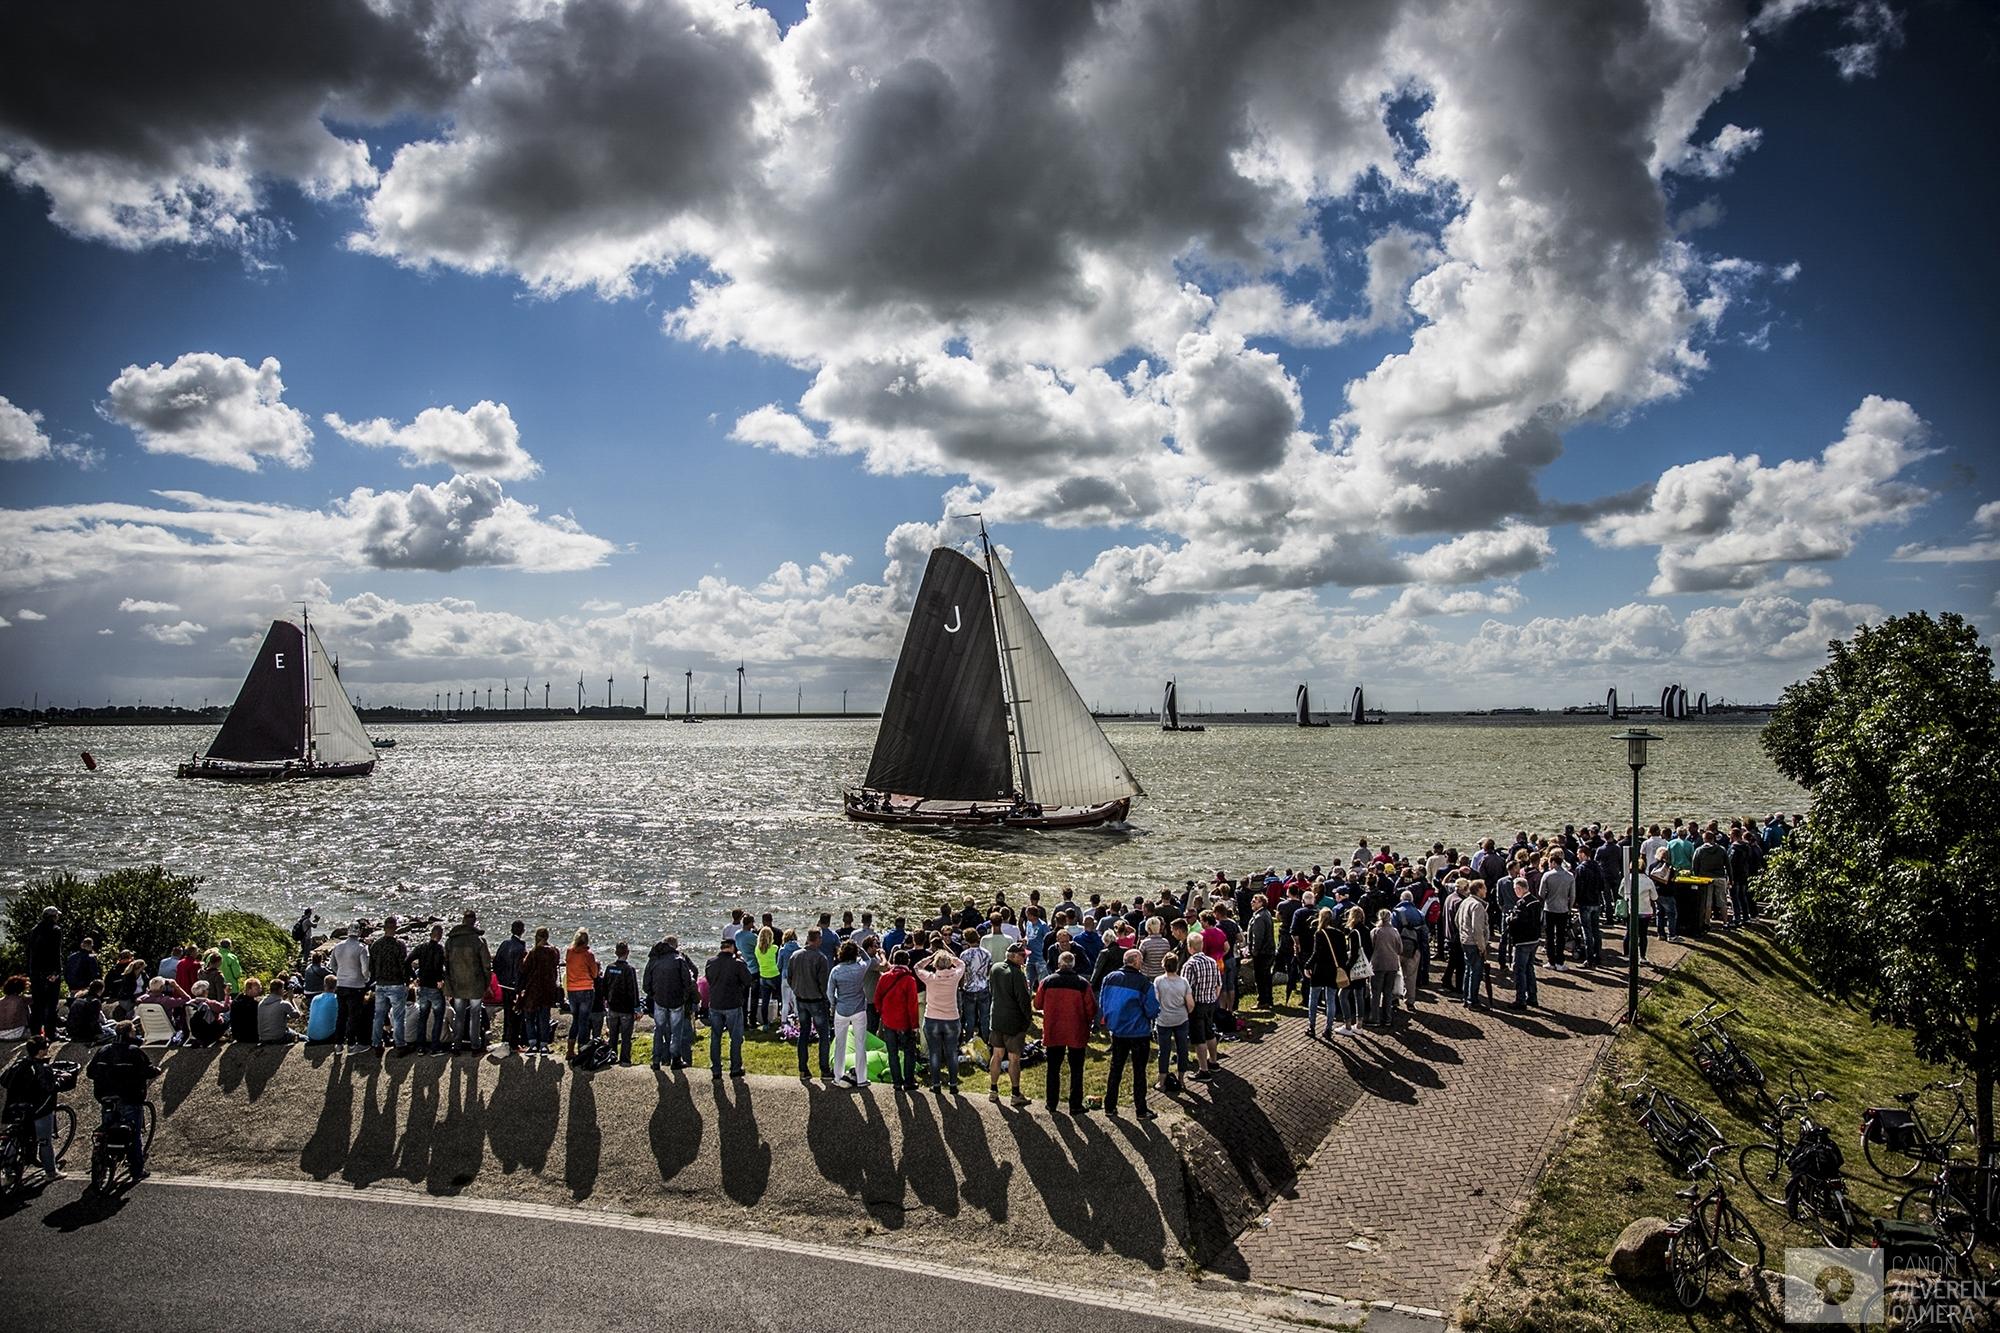 LEMMER - Skutsjes in actie op het water bij Lemmer tijdens de negende wedstrijd van het traditionele skutsjesilen. Twee weken lang strijden 14 traditionele Friese platbodems tegen elkaar op de meren van Friesland.